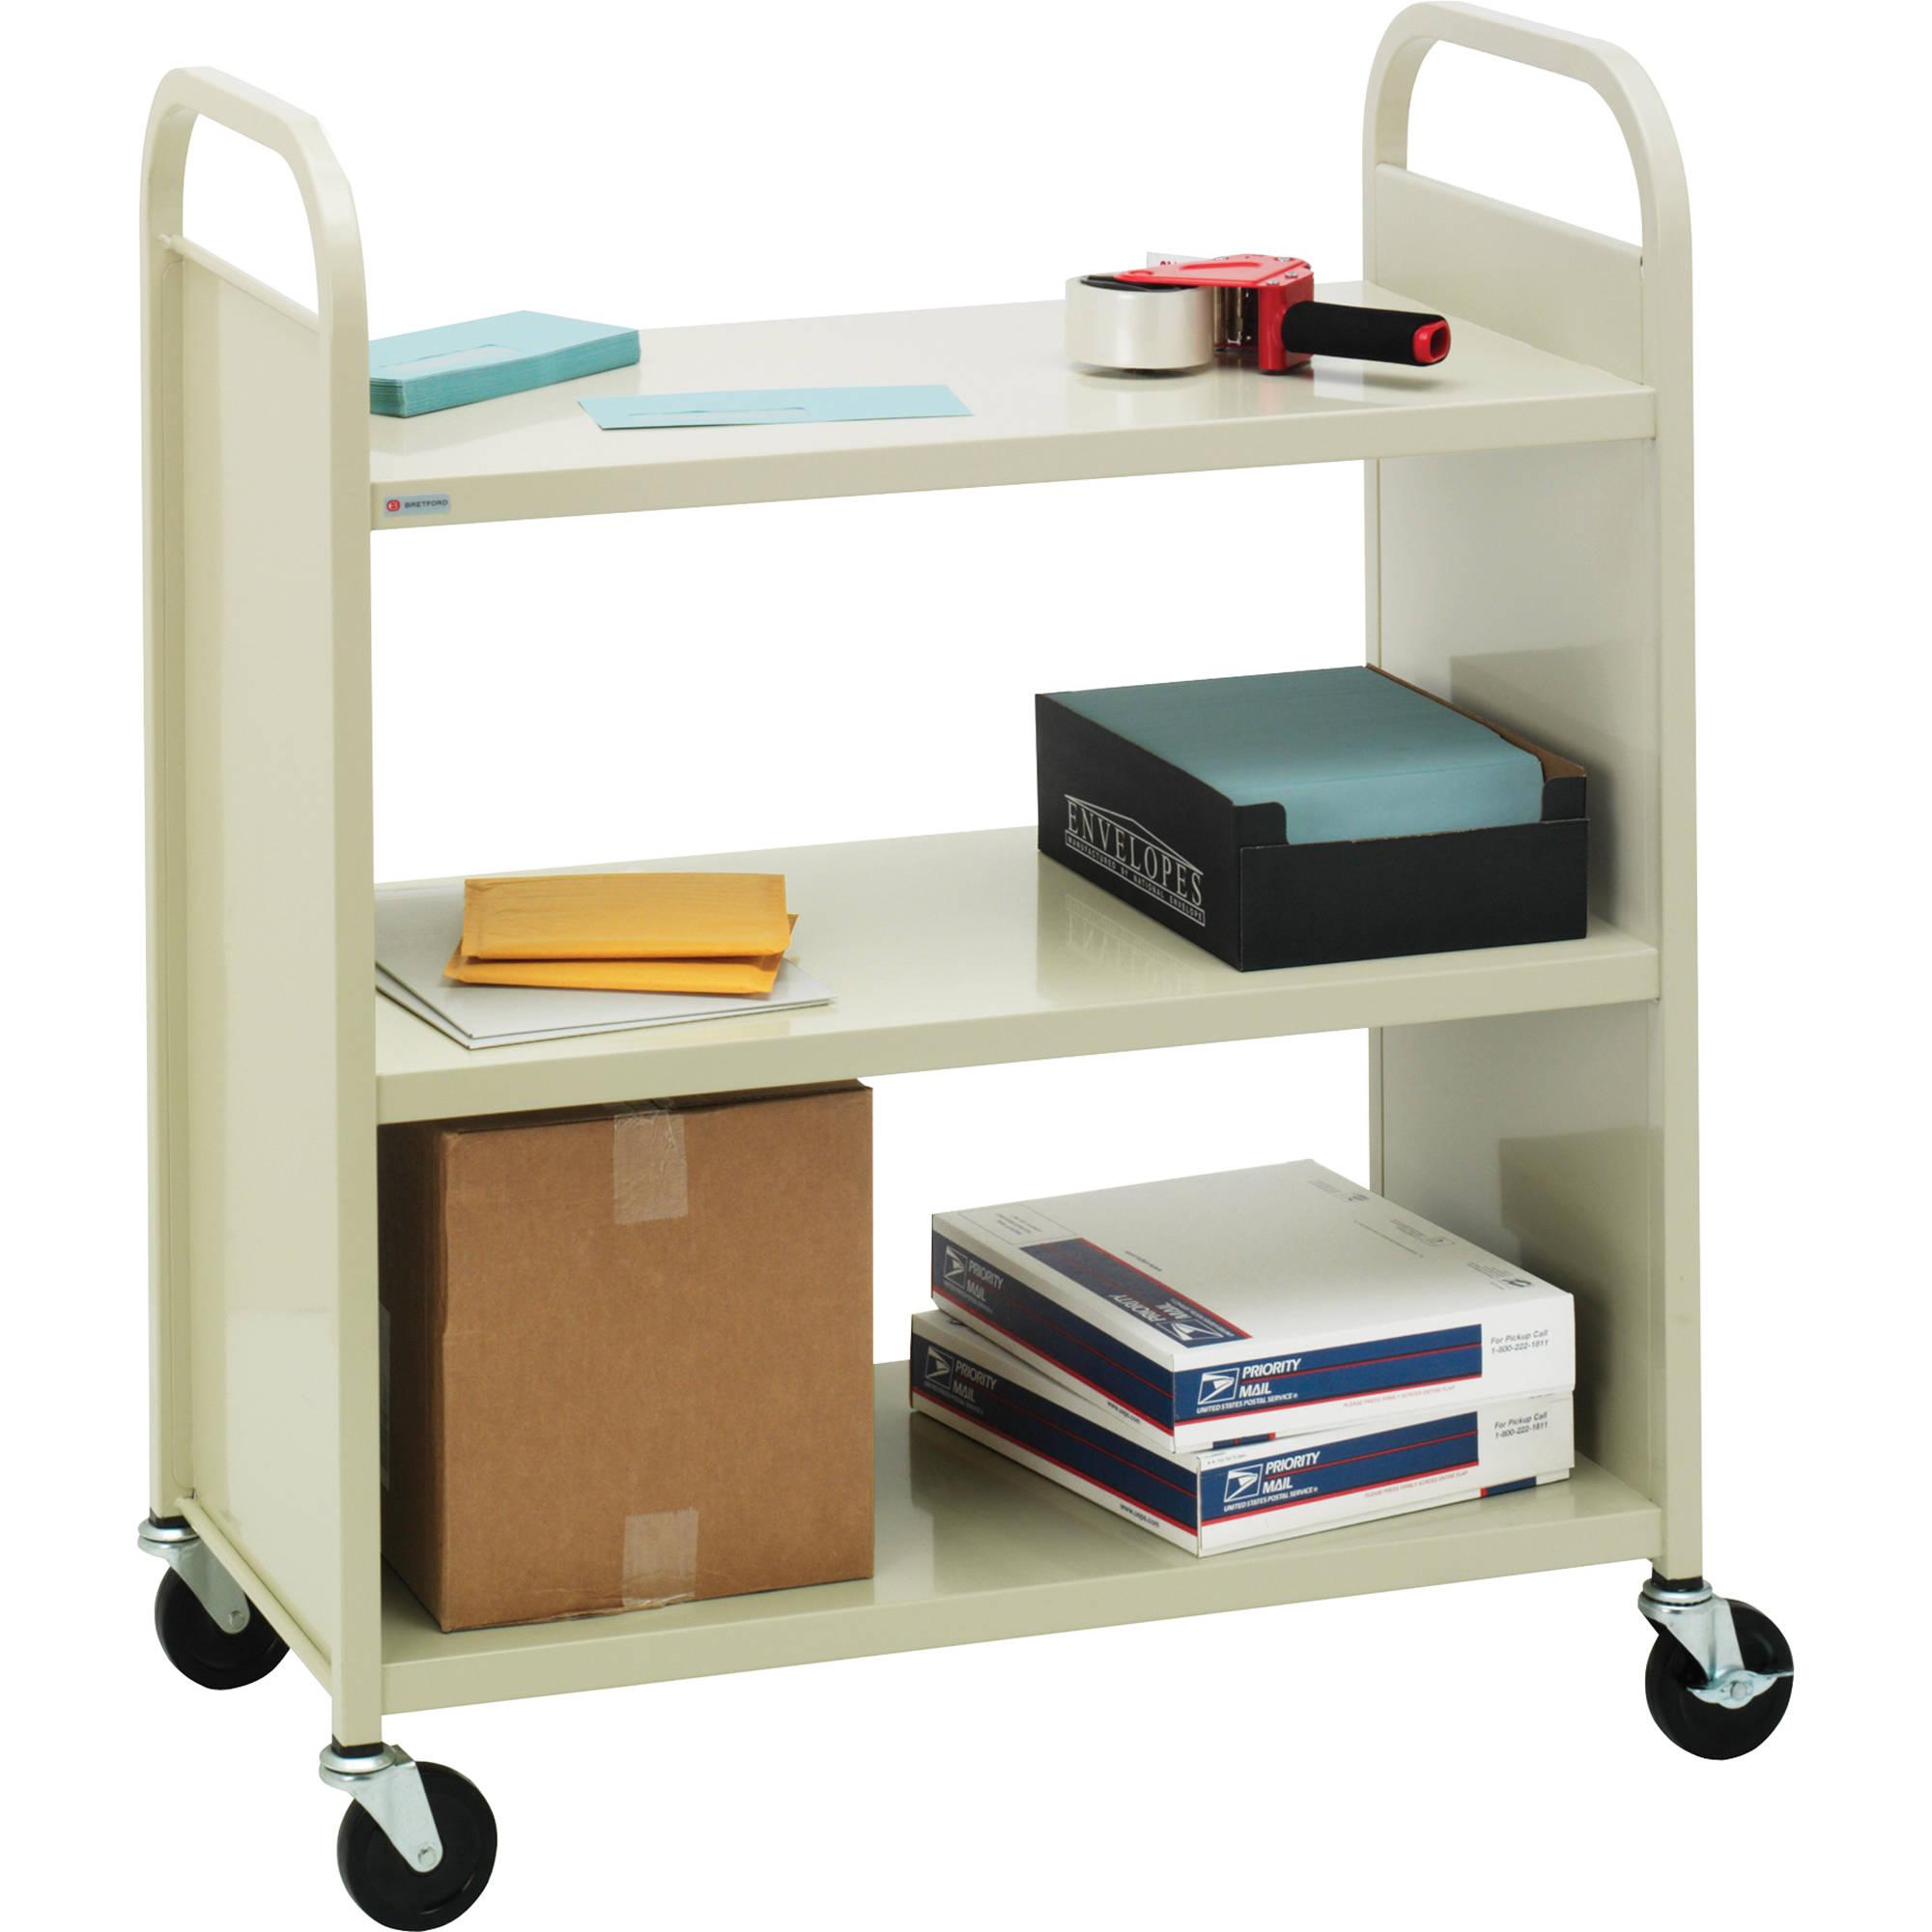 Bretford Mobile Flat Shelf Book Utility Truck F336 Gm5 B H